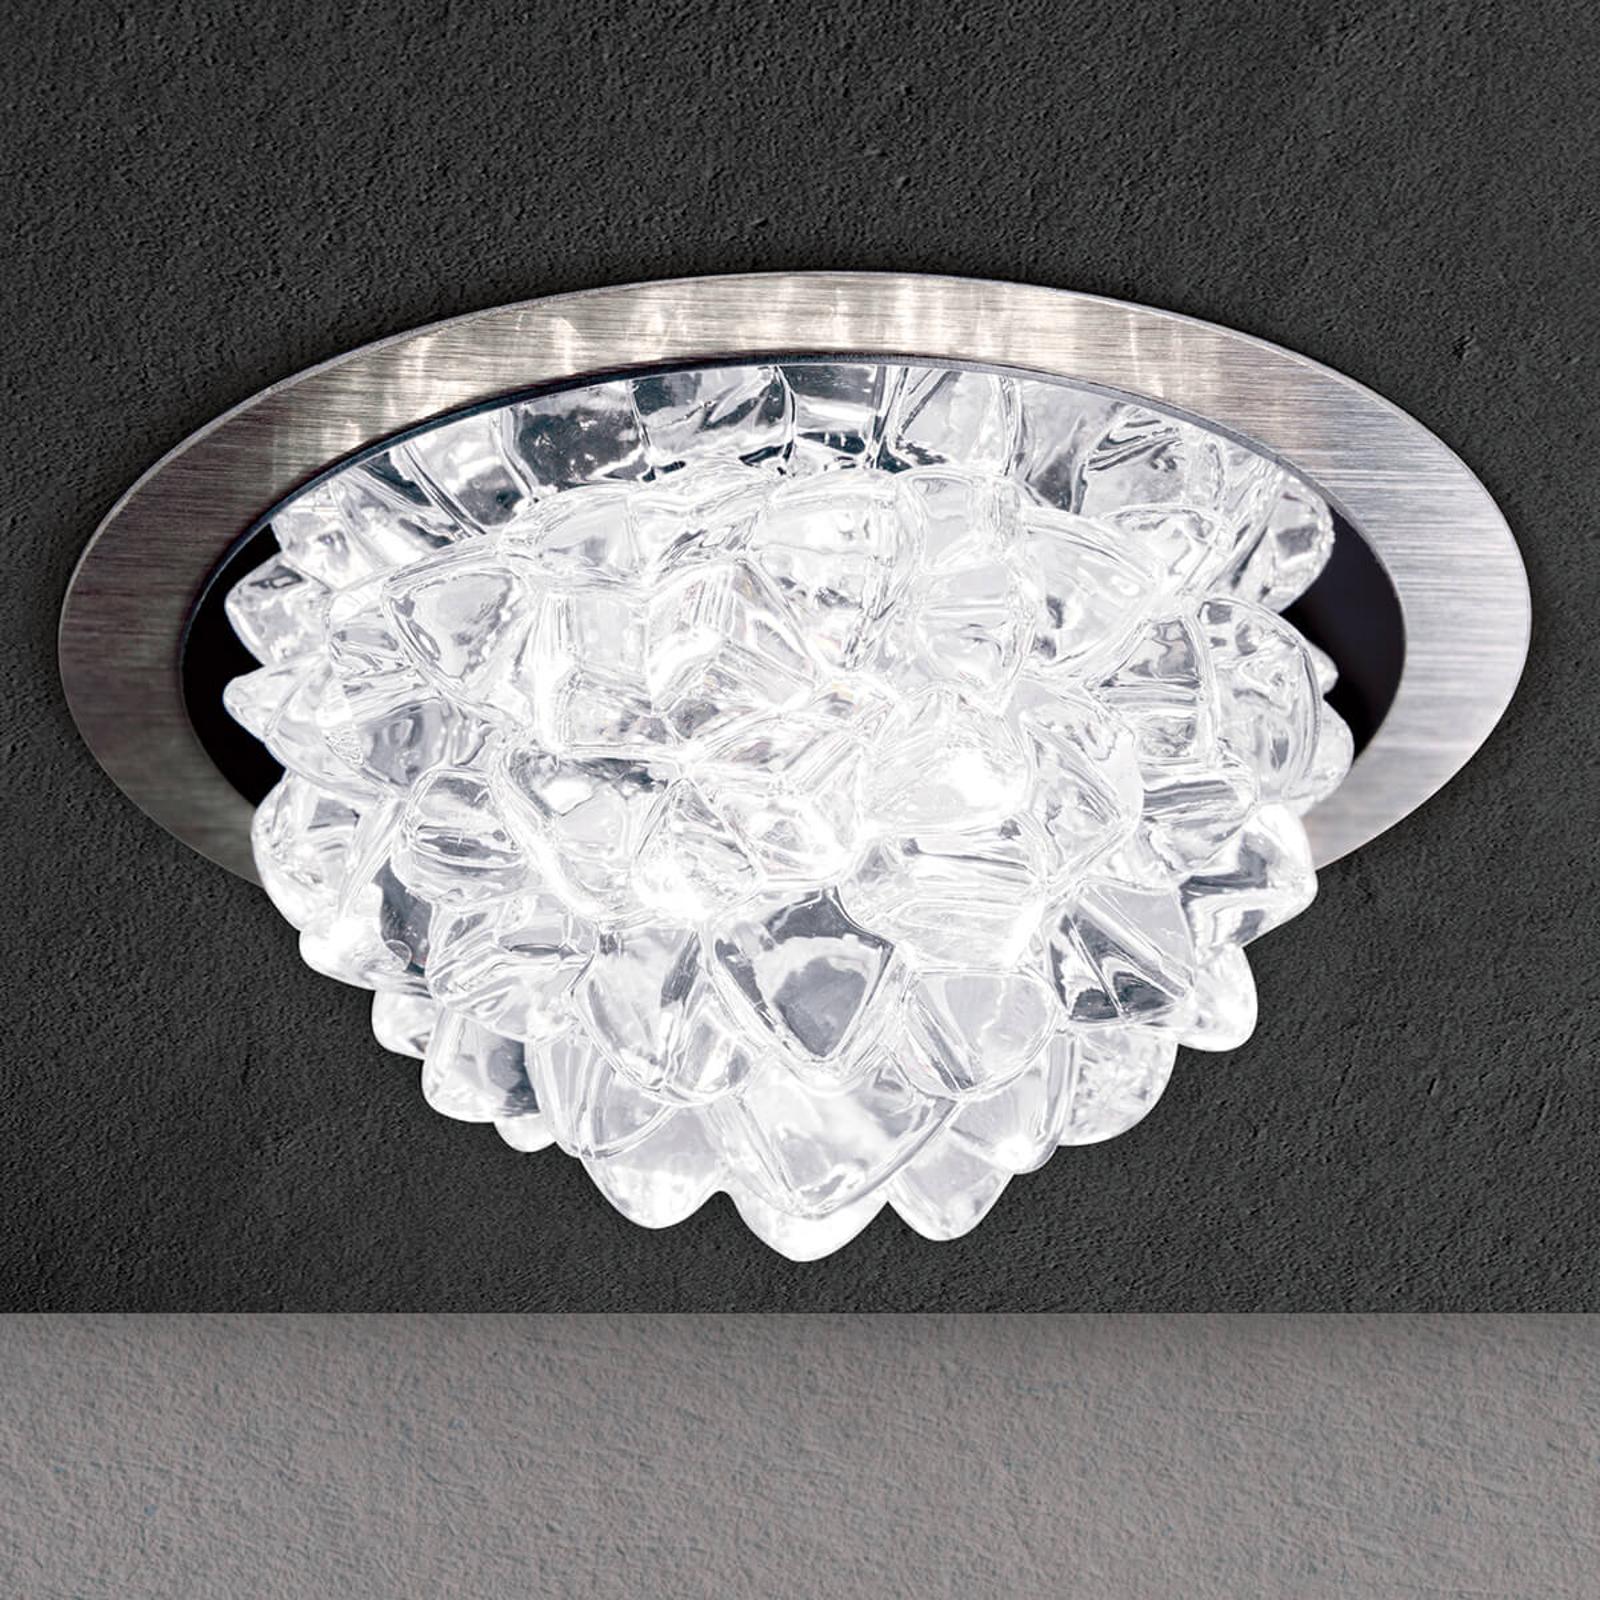 LED-uppovalaisin Cecil kristallivarjostimella, alu